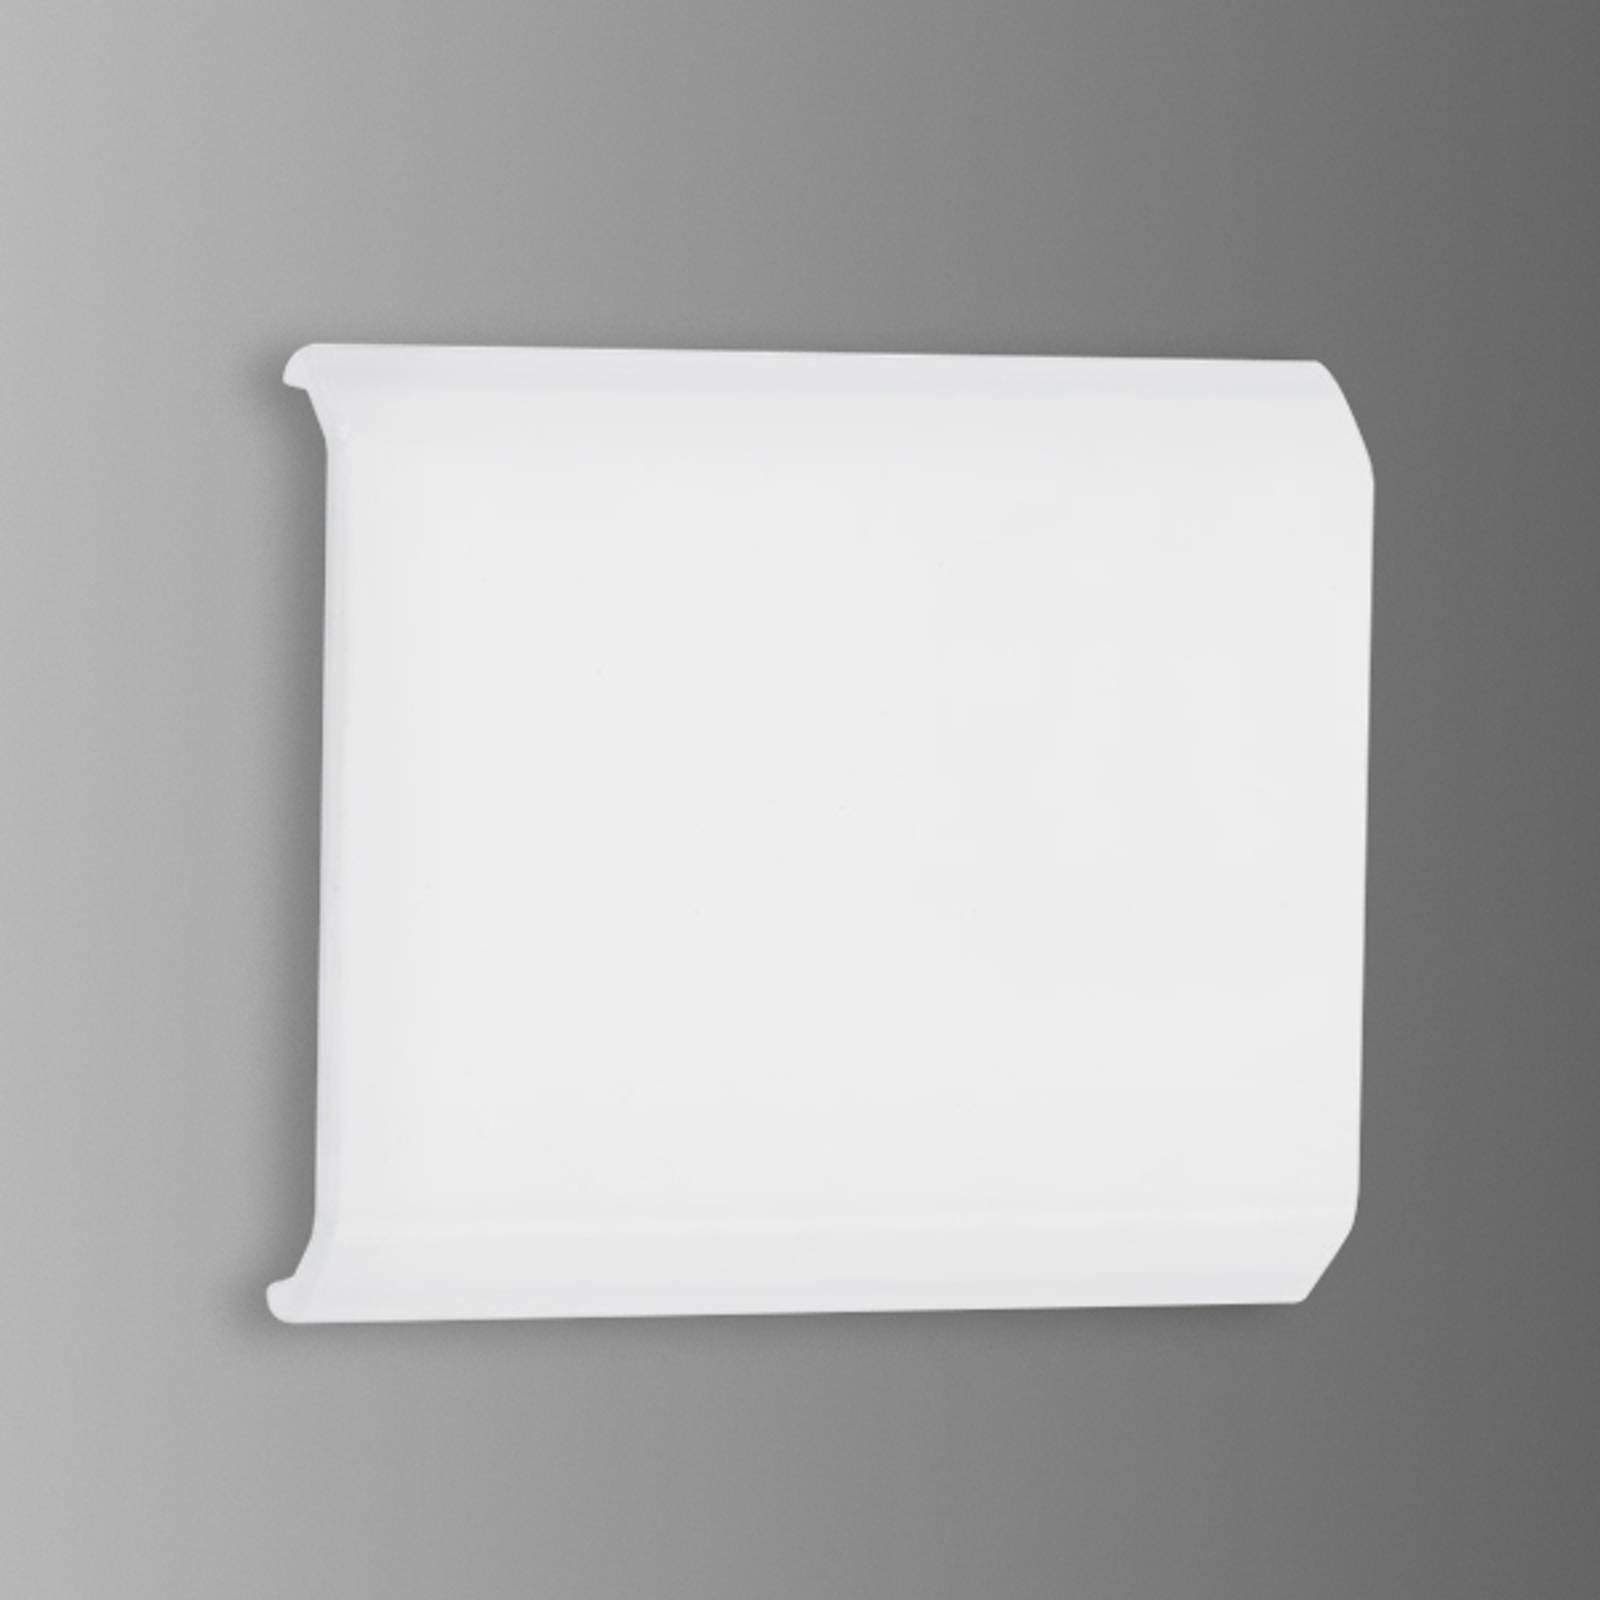 Testate profilo Delta Your LED, set da 4